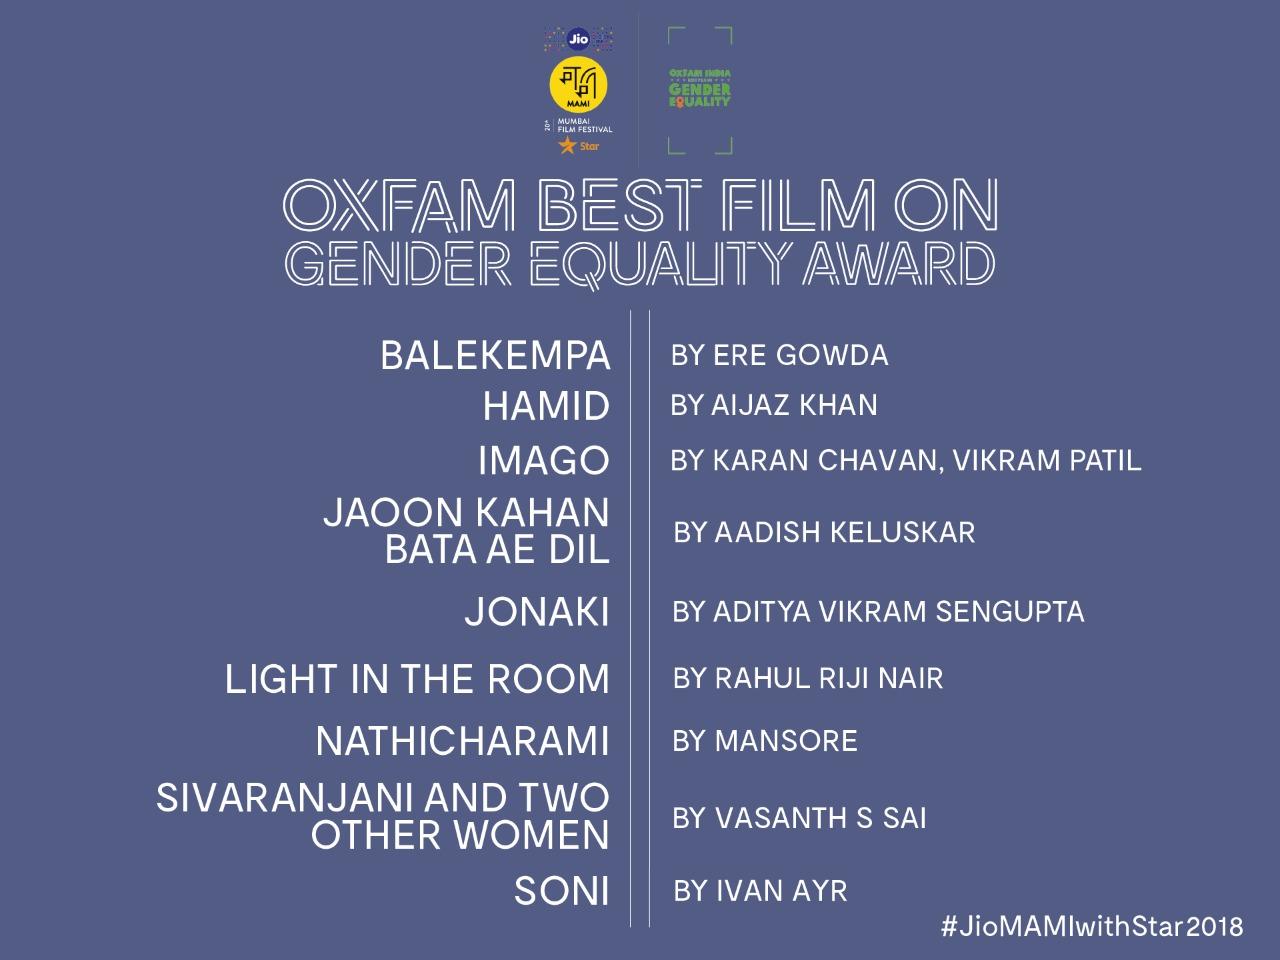 Shortlisted films for Oxfam Best Film on Gender Equality